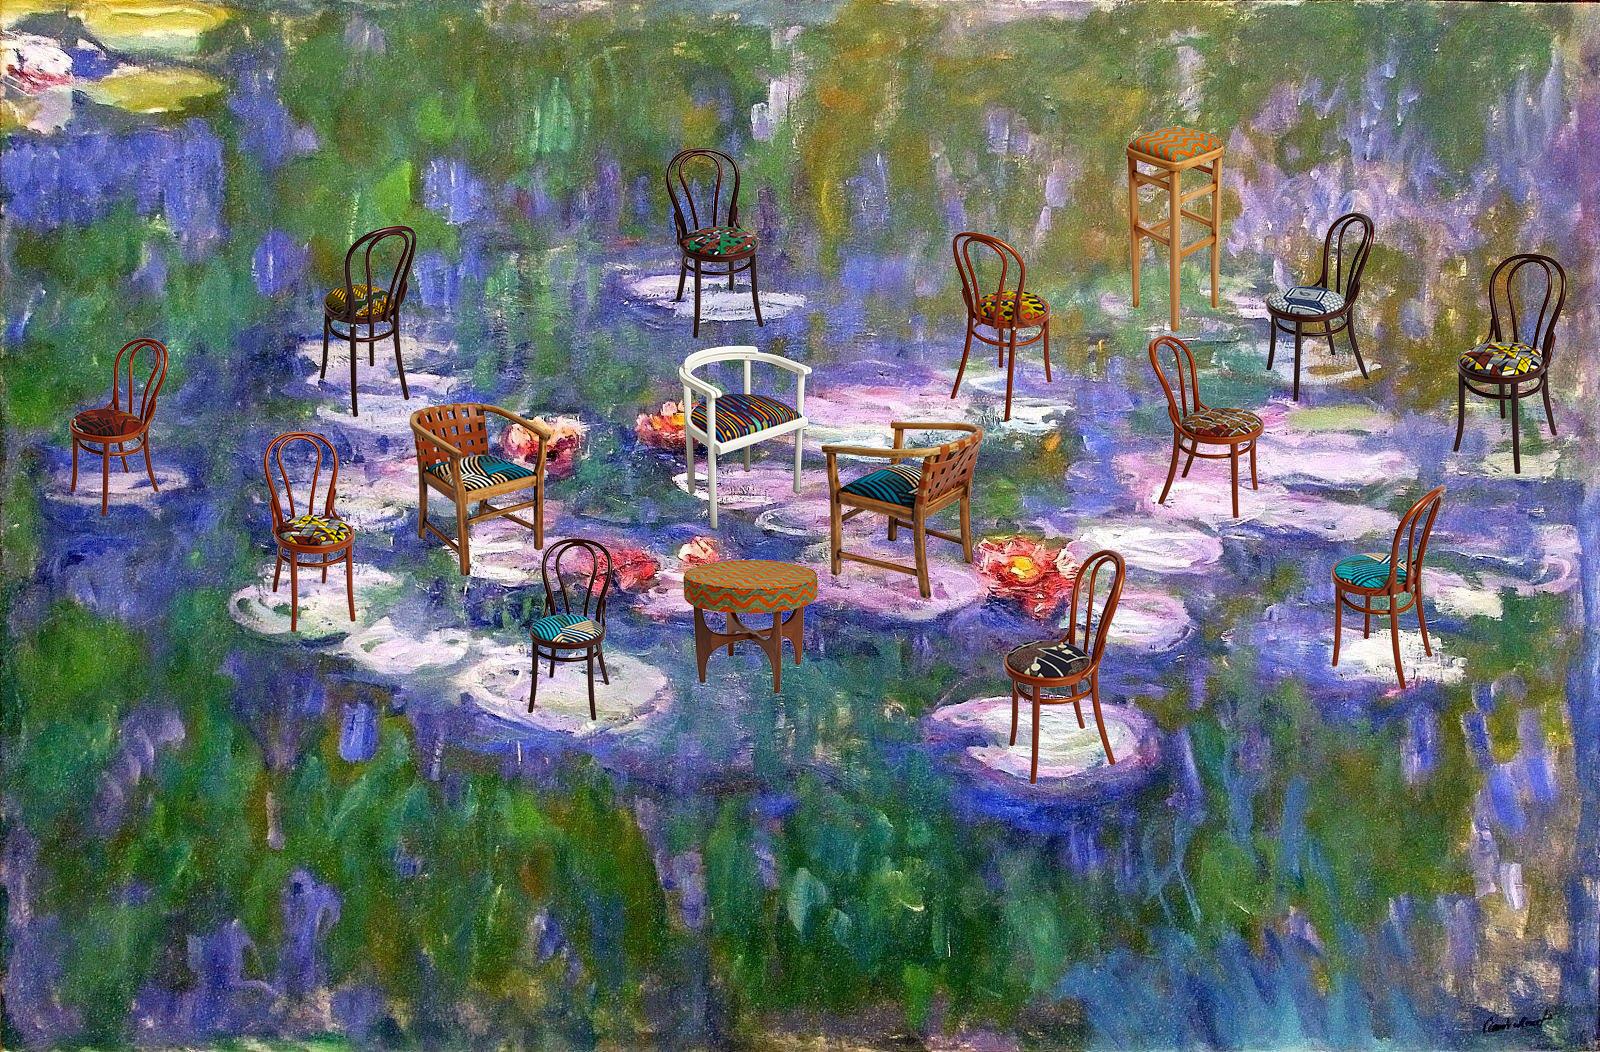 Monet_Water Lilies_04042018.JPG